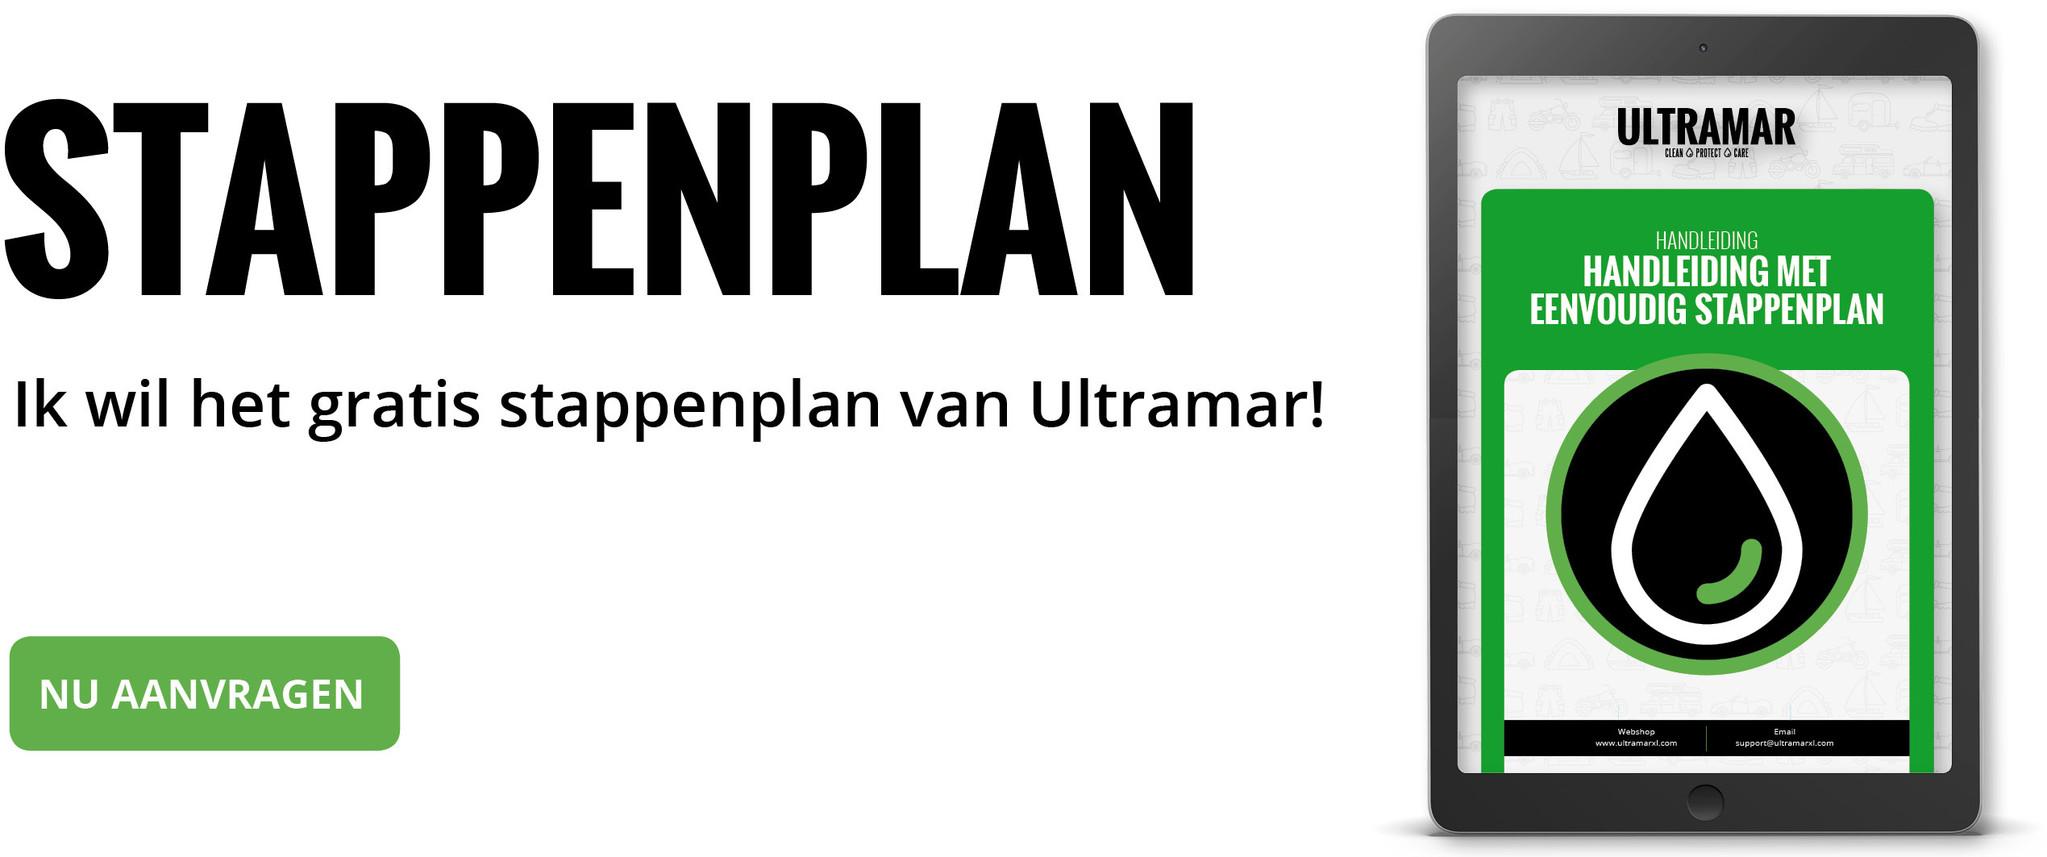 Ik wil het gratis stappenplan van Ultramar!